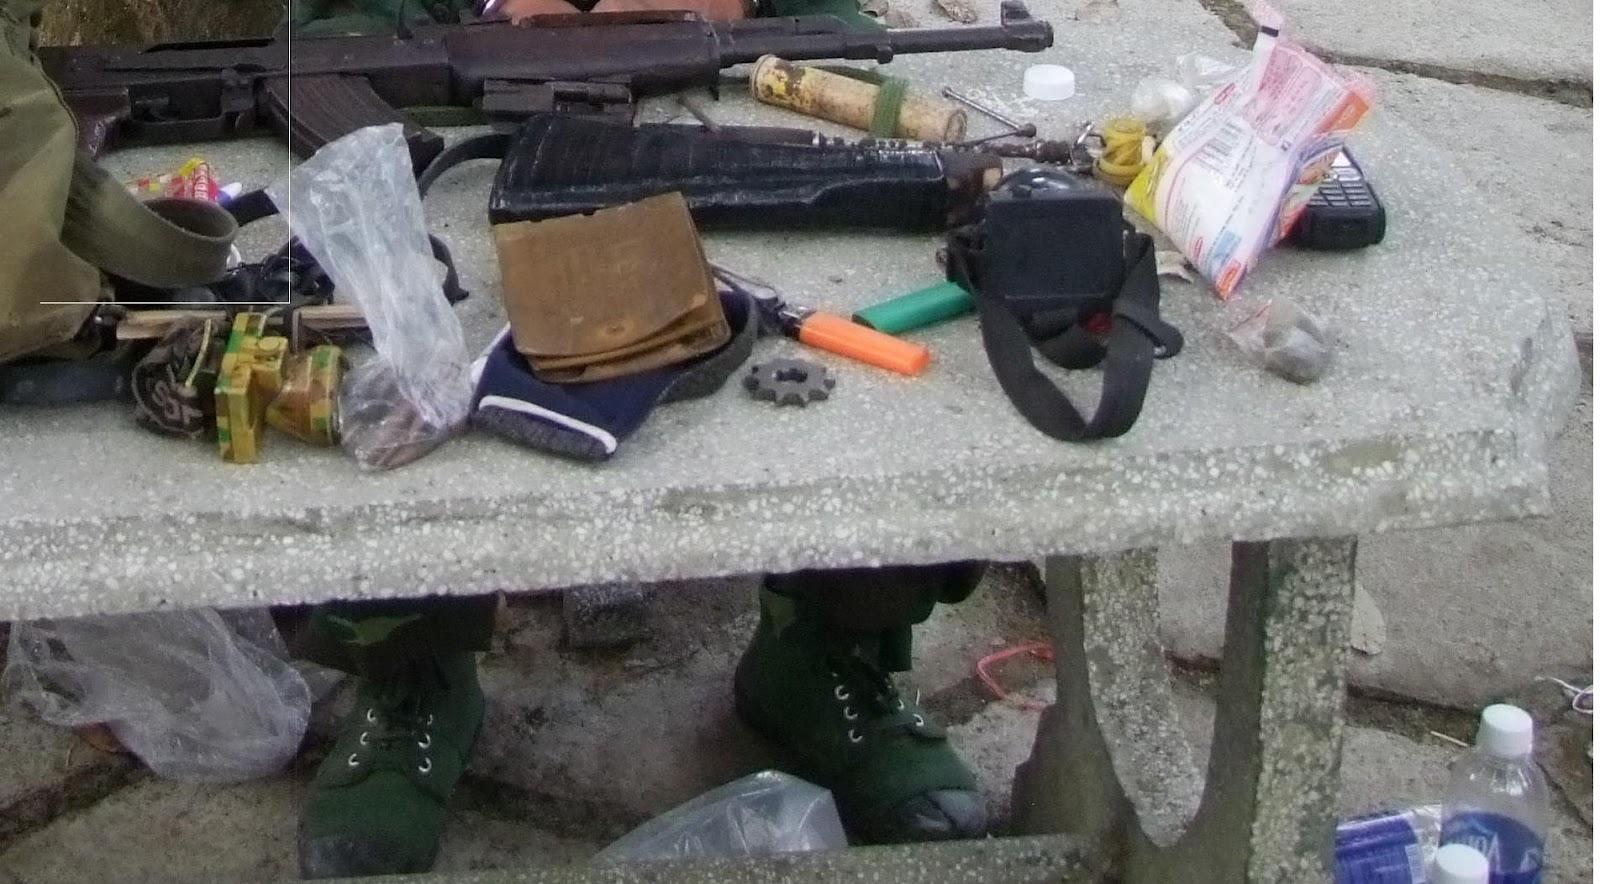 Truy bắt đối tượng tàng trữ, sử dụng trái phép vũ khí quân dụng